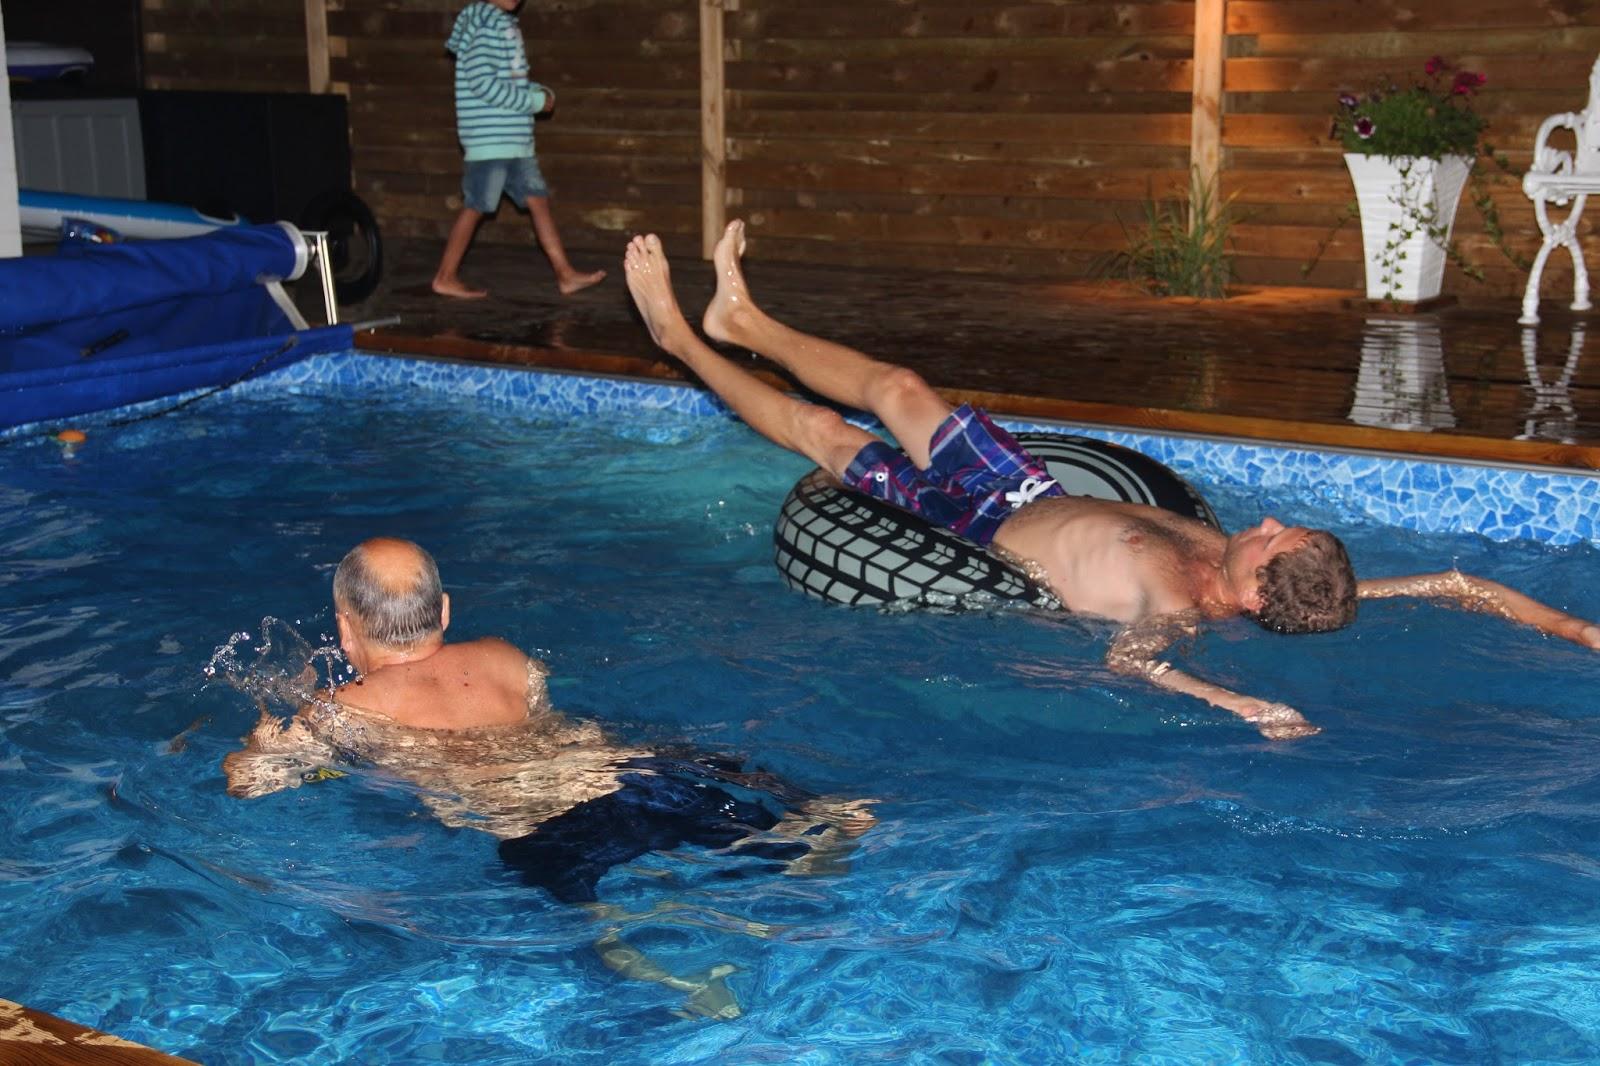 Kostnad för bygga pool med trädäck: 20: Poolparty med volleybollspel